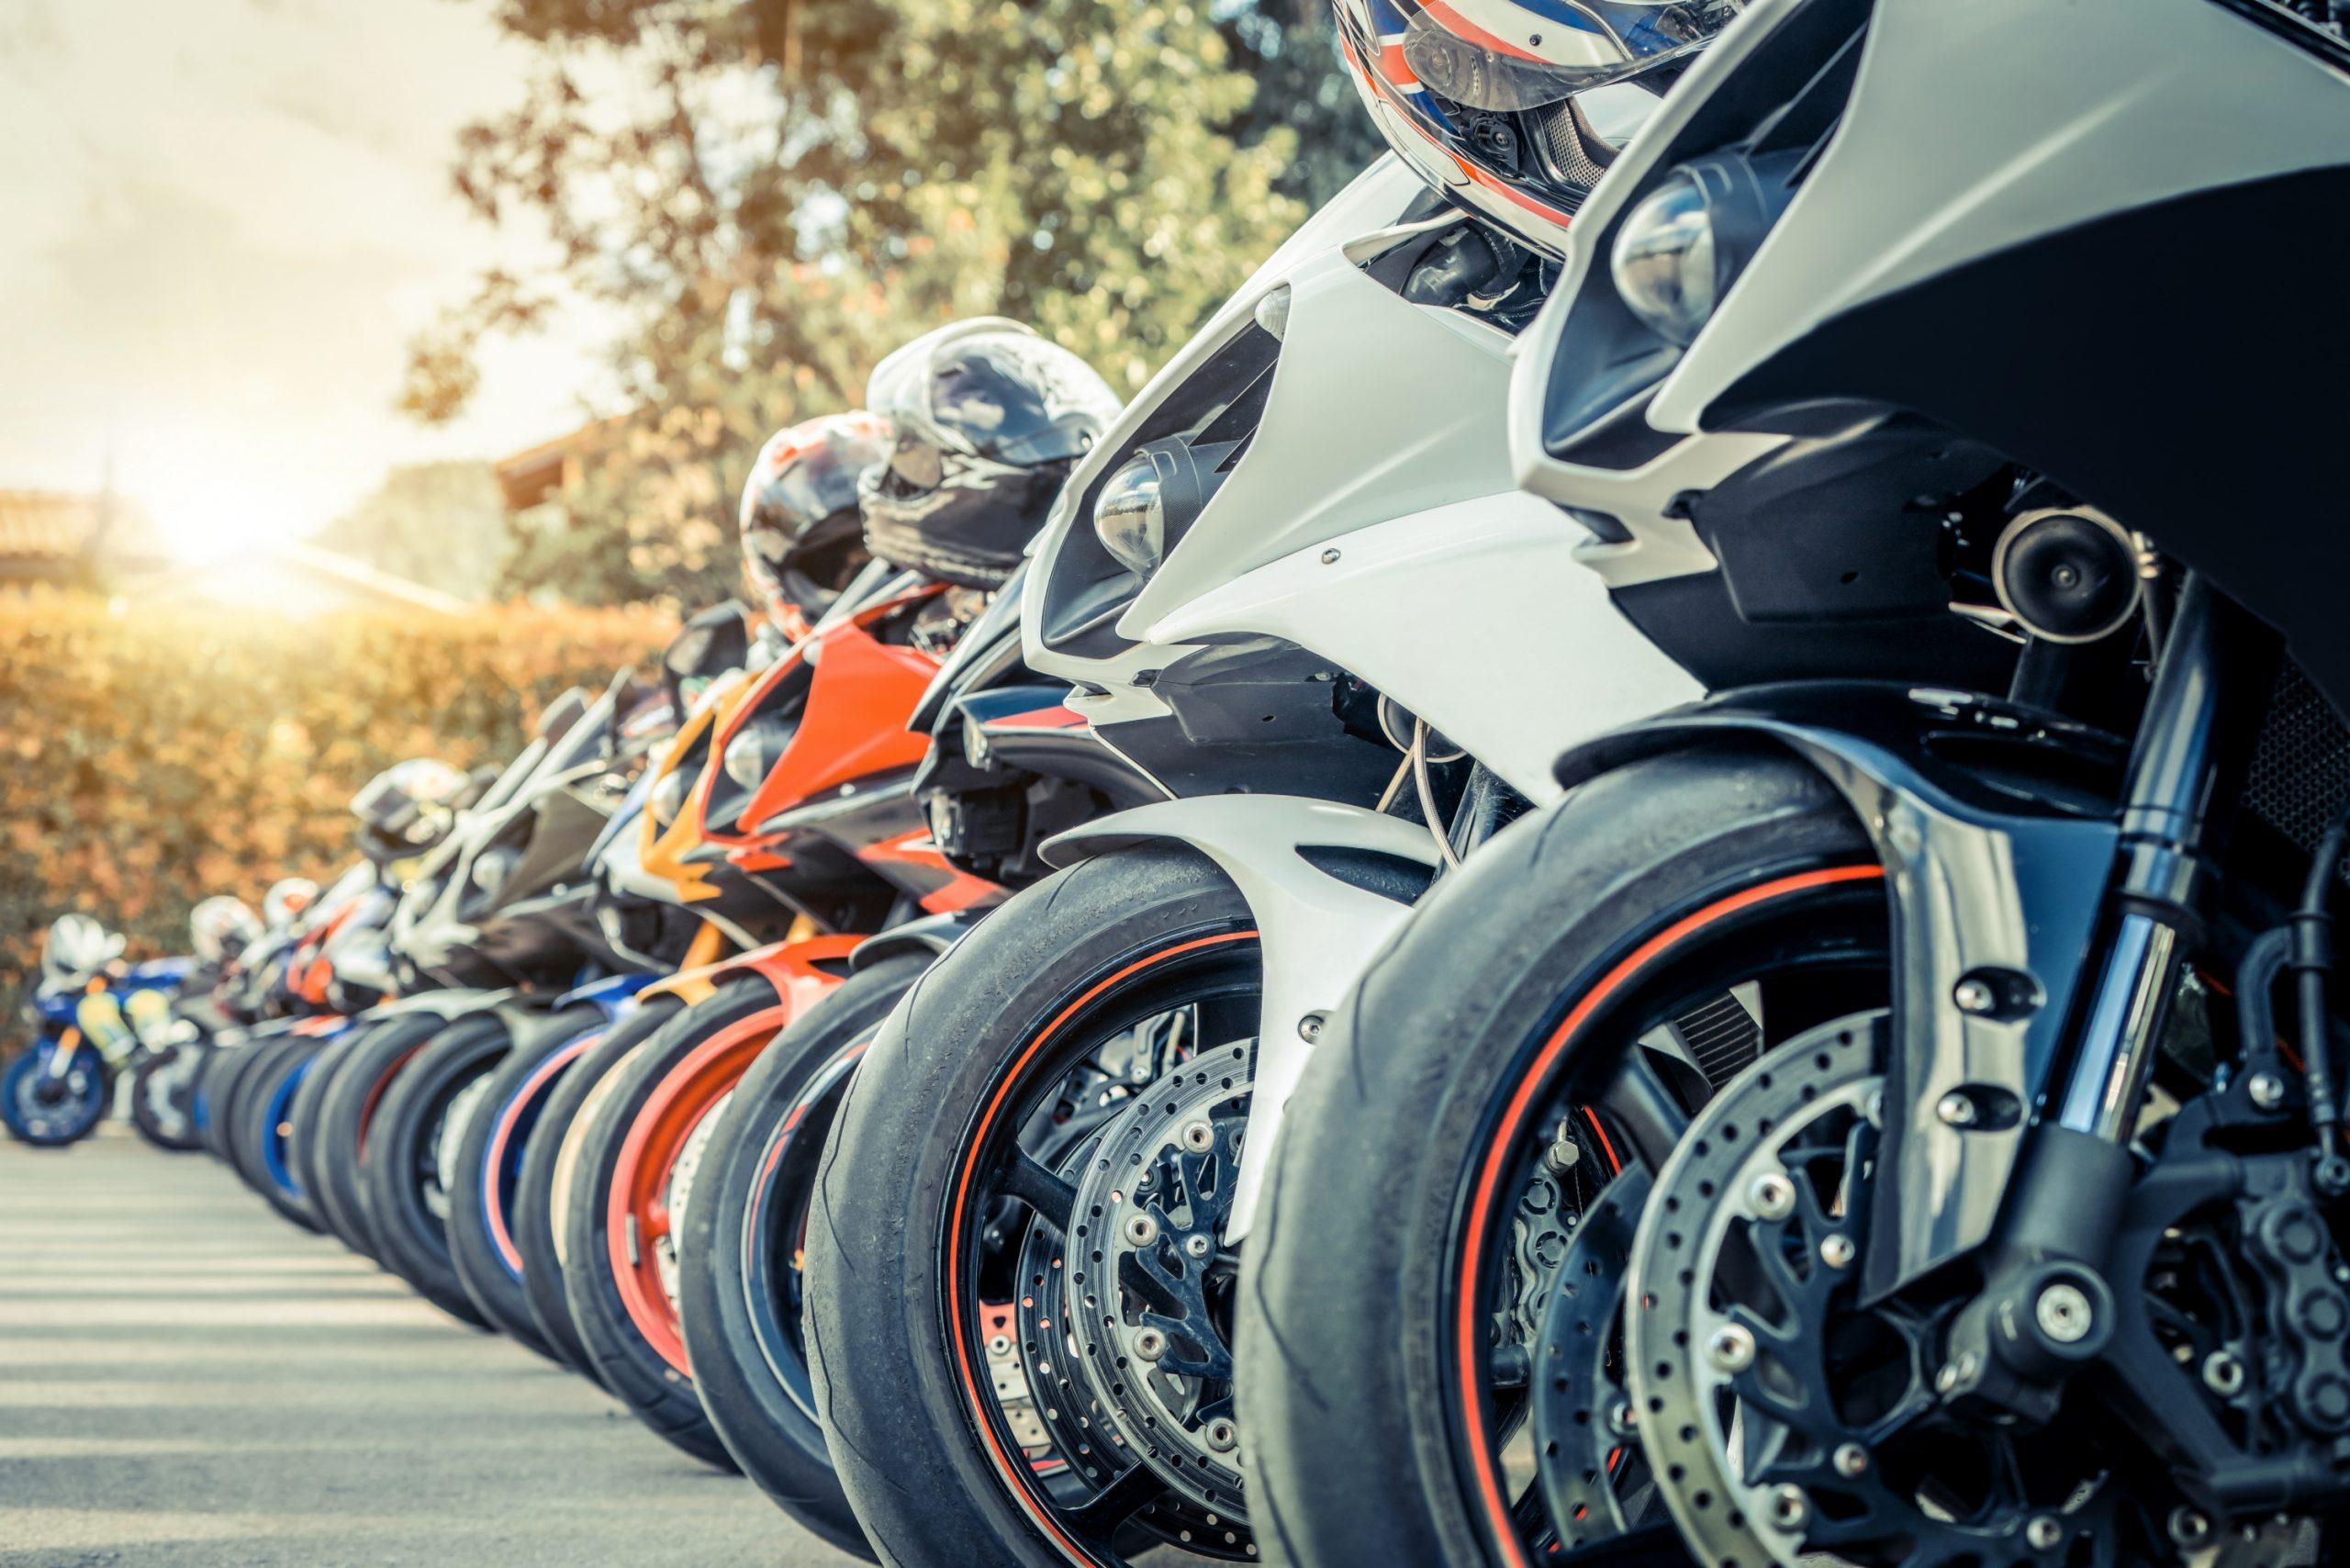 Bilde av en gruppe motorsykler som parkerer på på gata